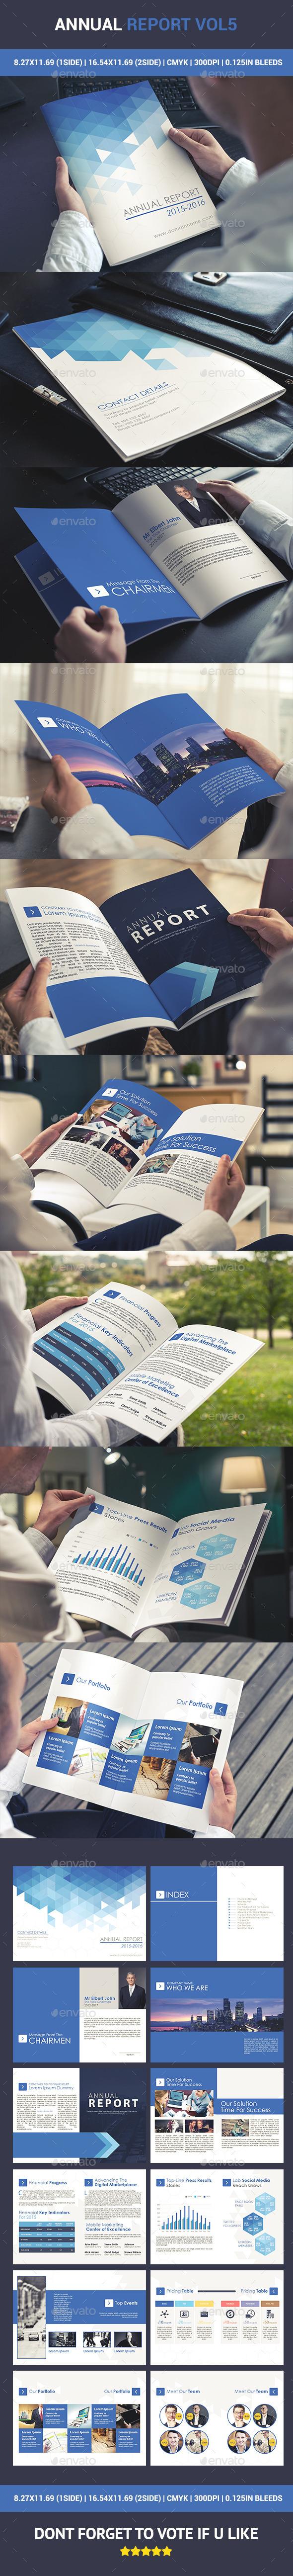 GraphicRiver Annual Report Catalogue Vol5 10819222